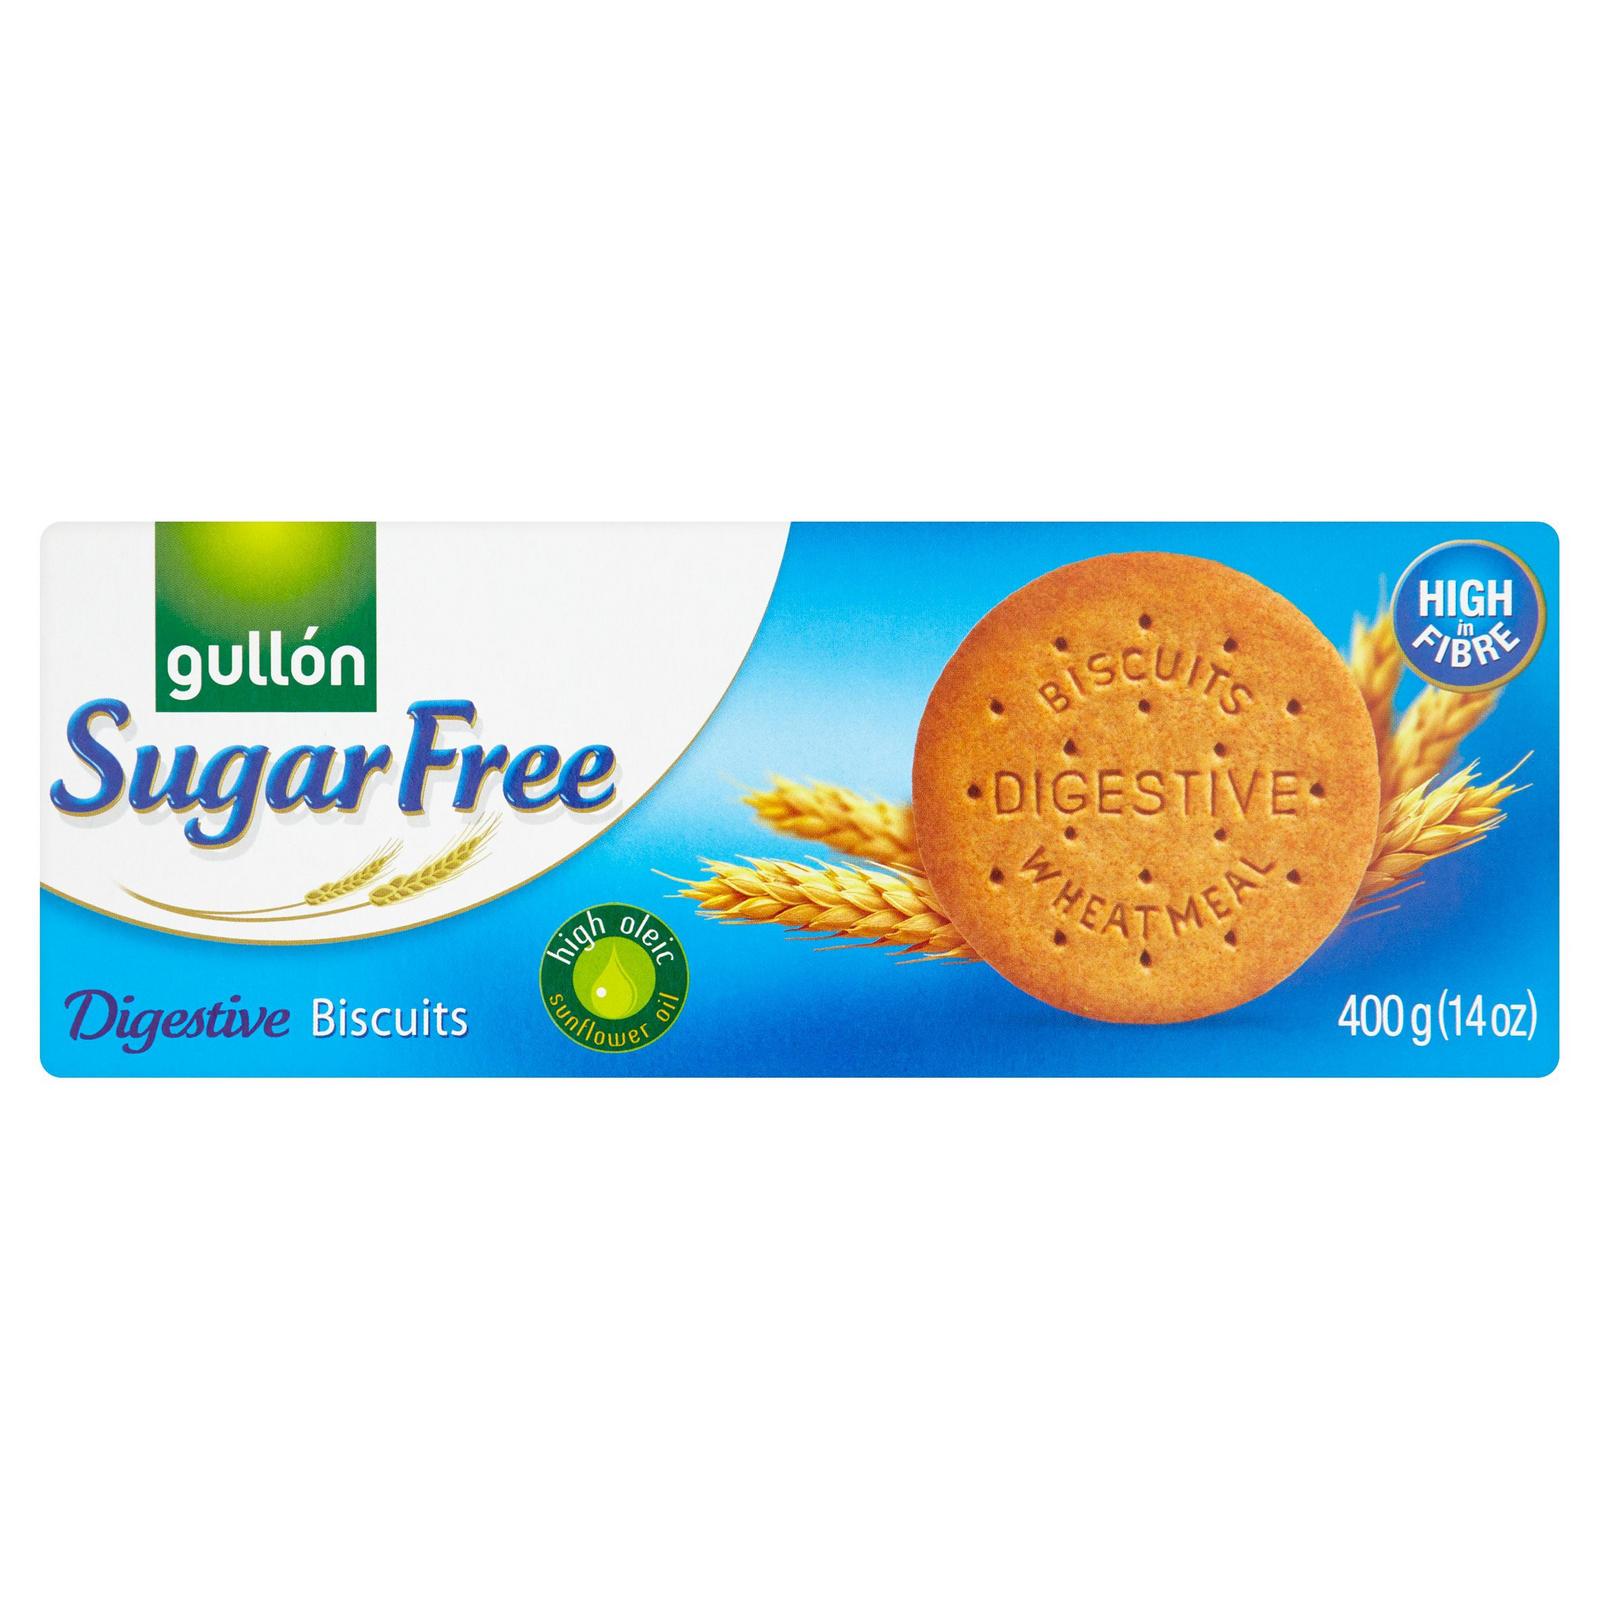 Gullón Sugar Free Digestive Biscuits 400g Sweet Biscuits